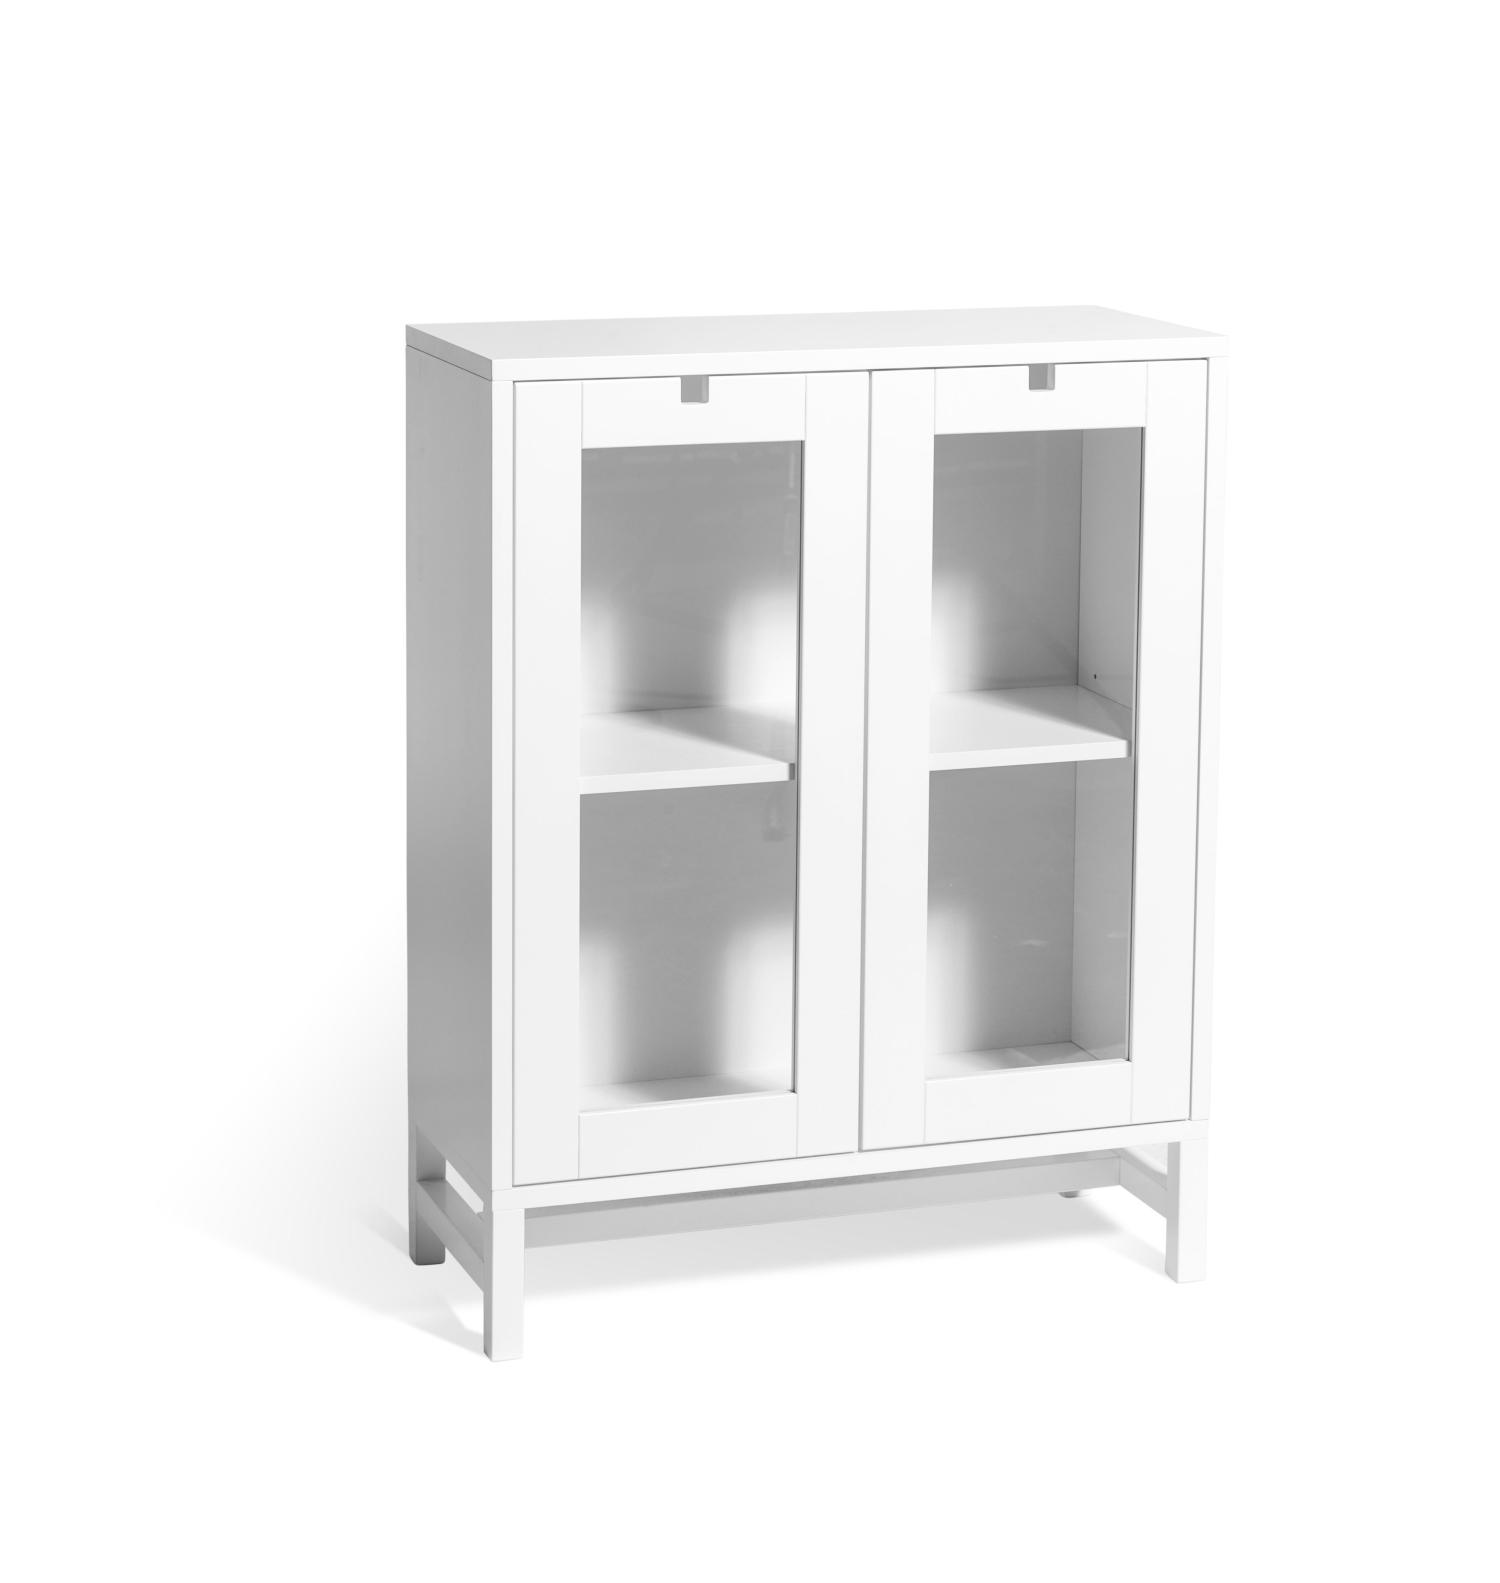 vitt vitrinskåp